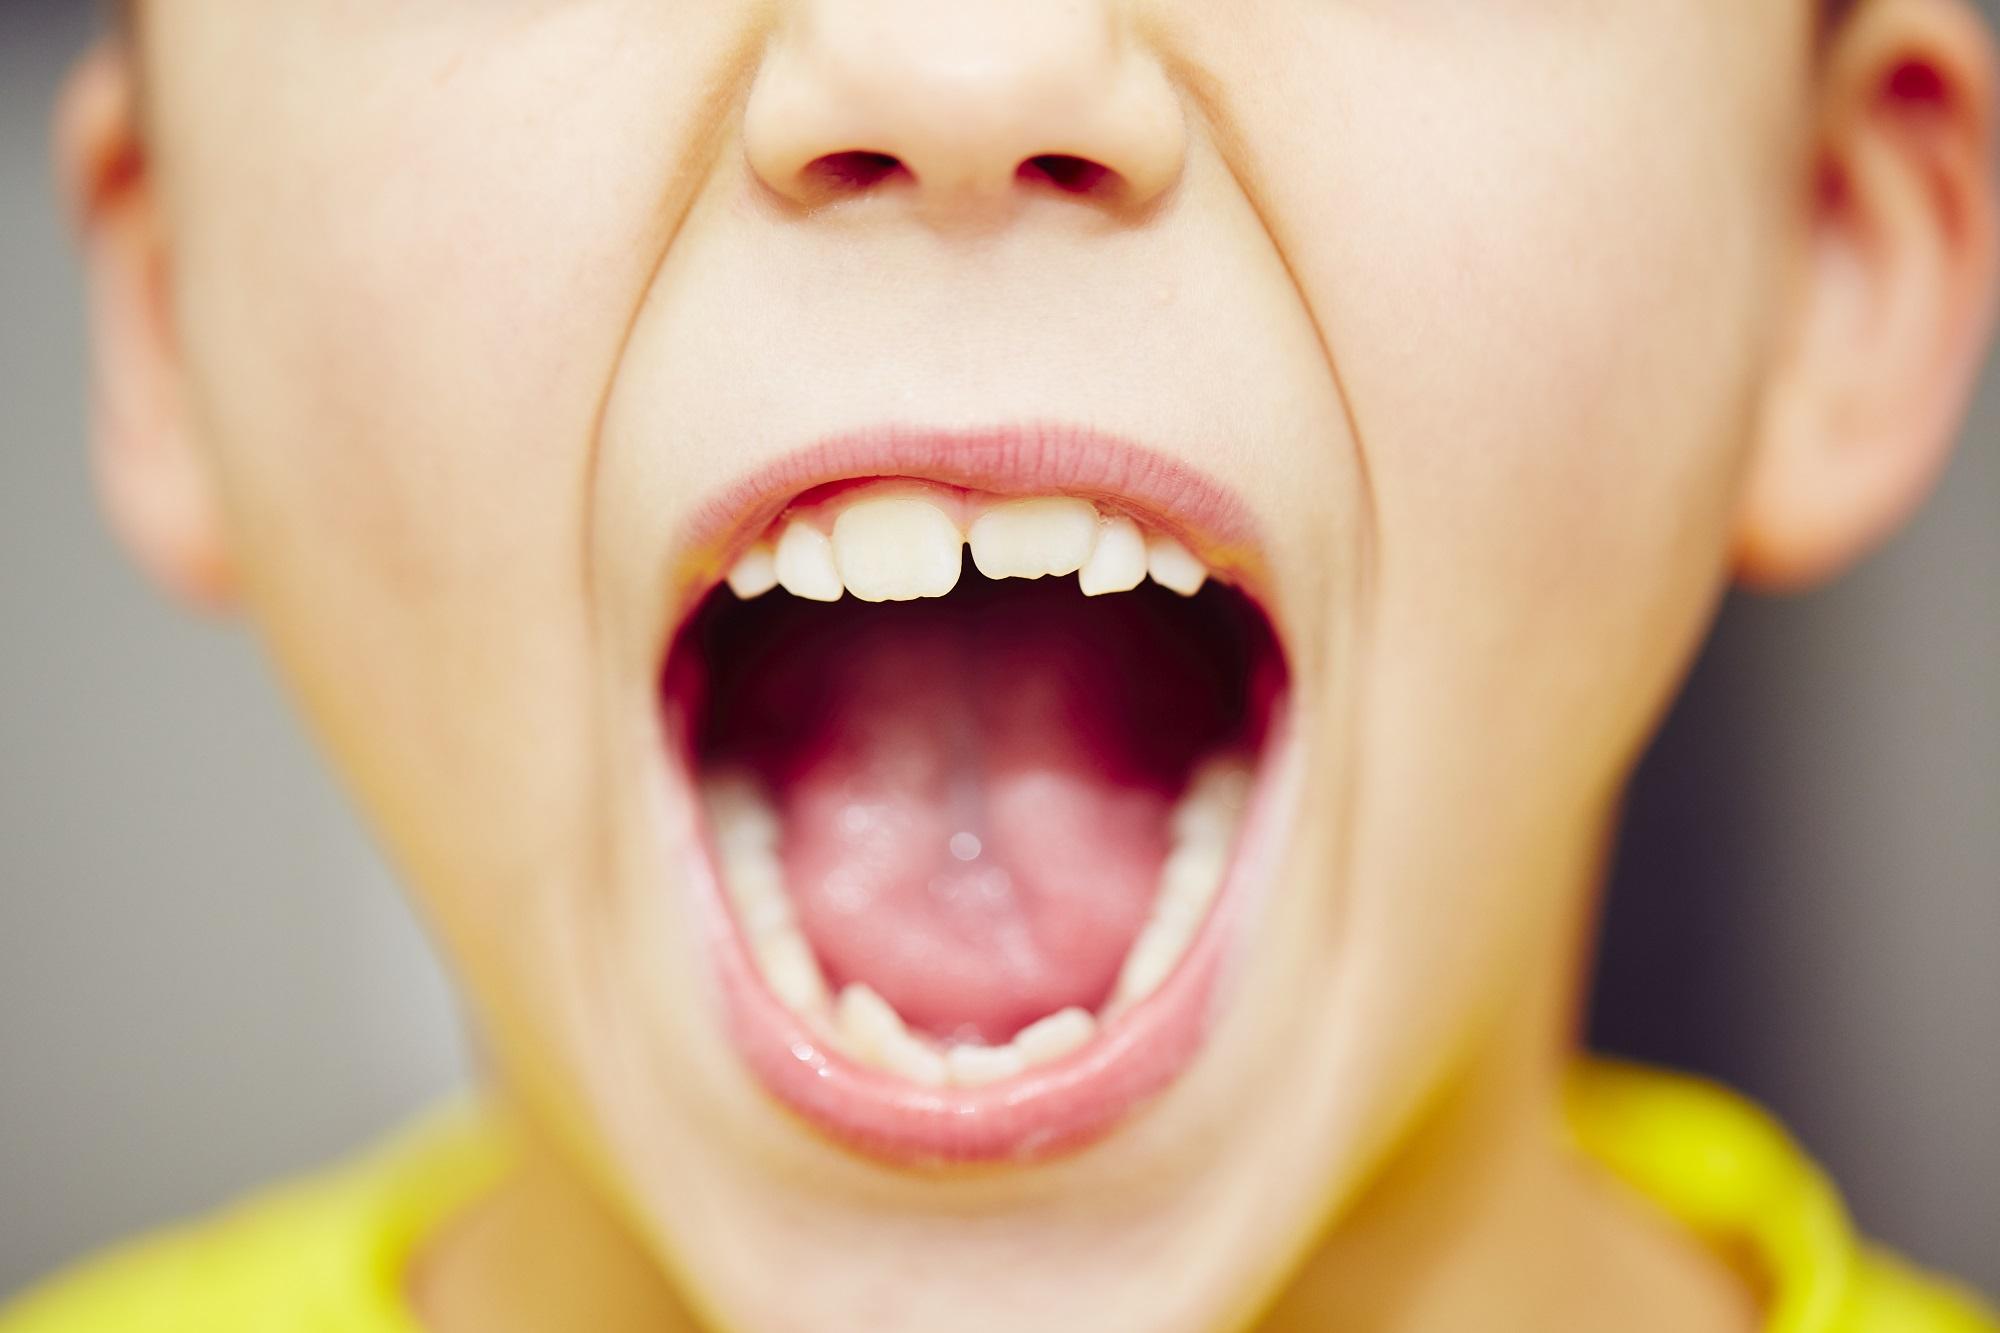 Tipos de ortodoncia para niños en Valencia